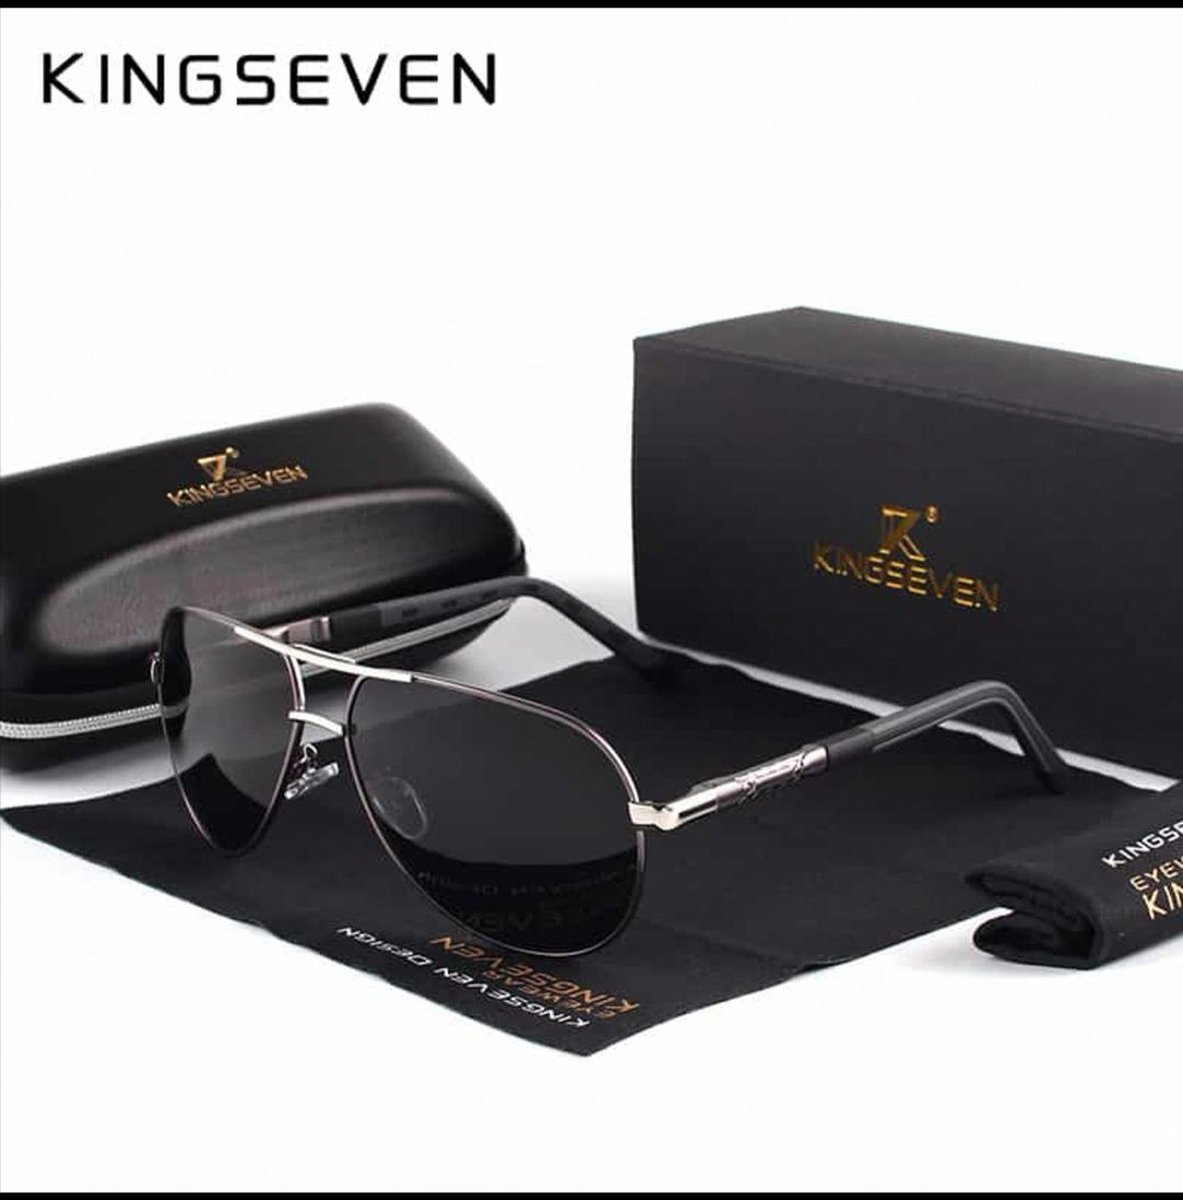 Kingseven Heren Zonnebril - Zwart